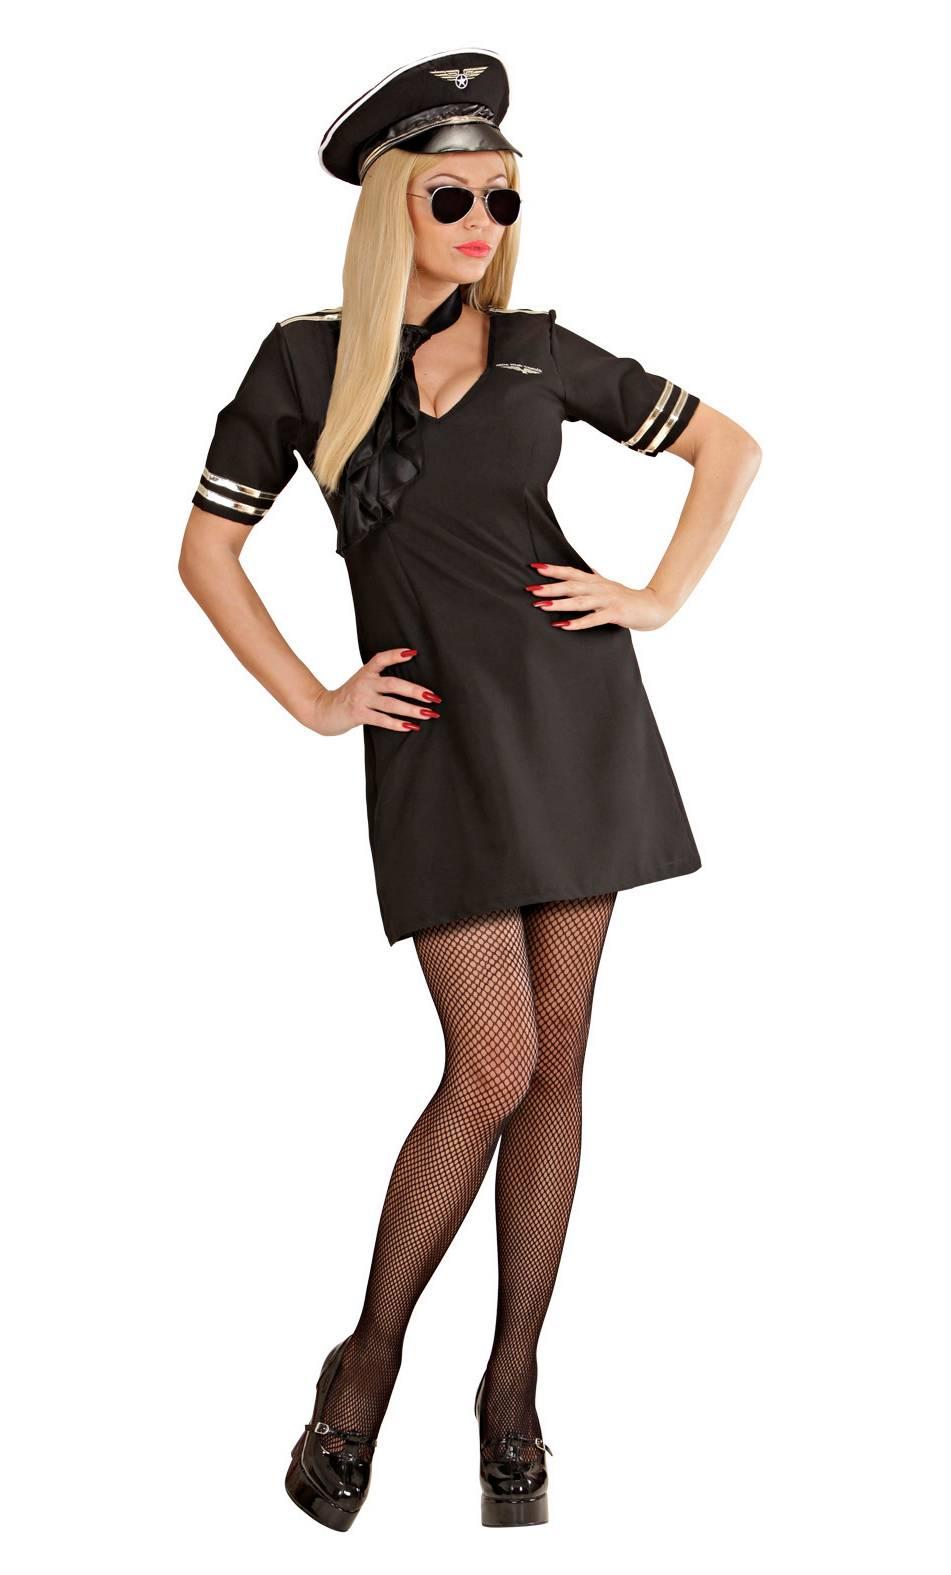 Costume-Pilote-Femme